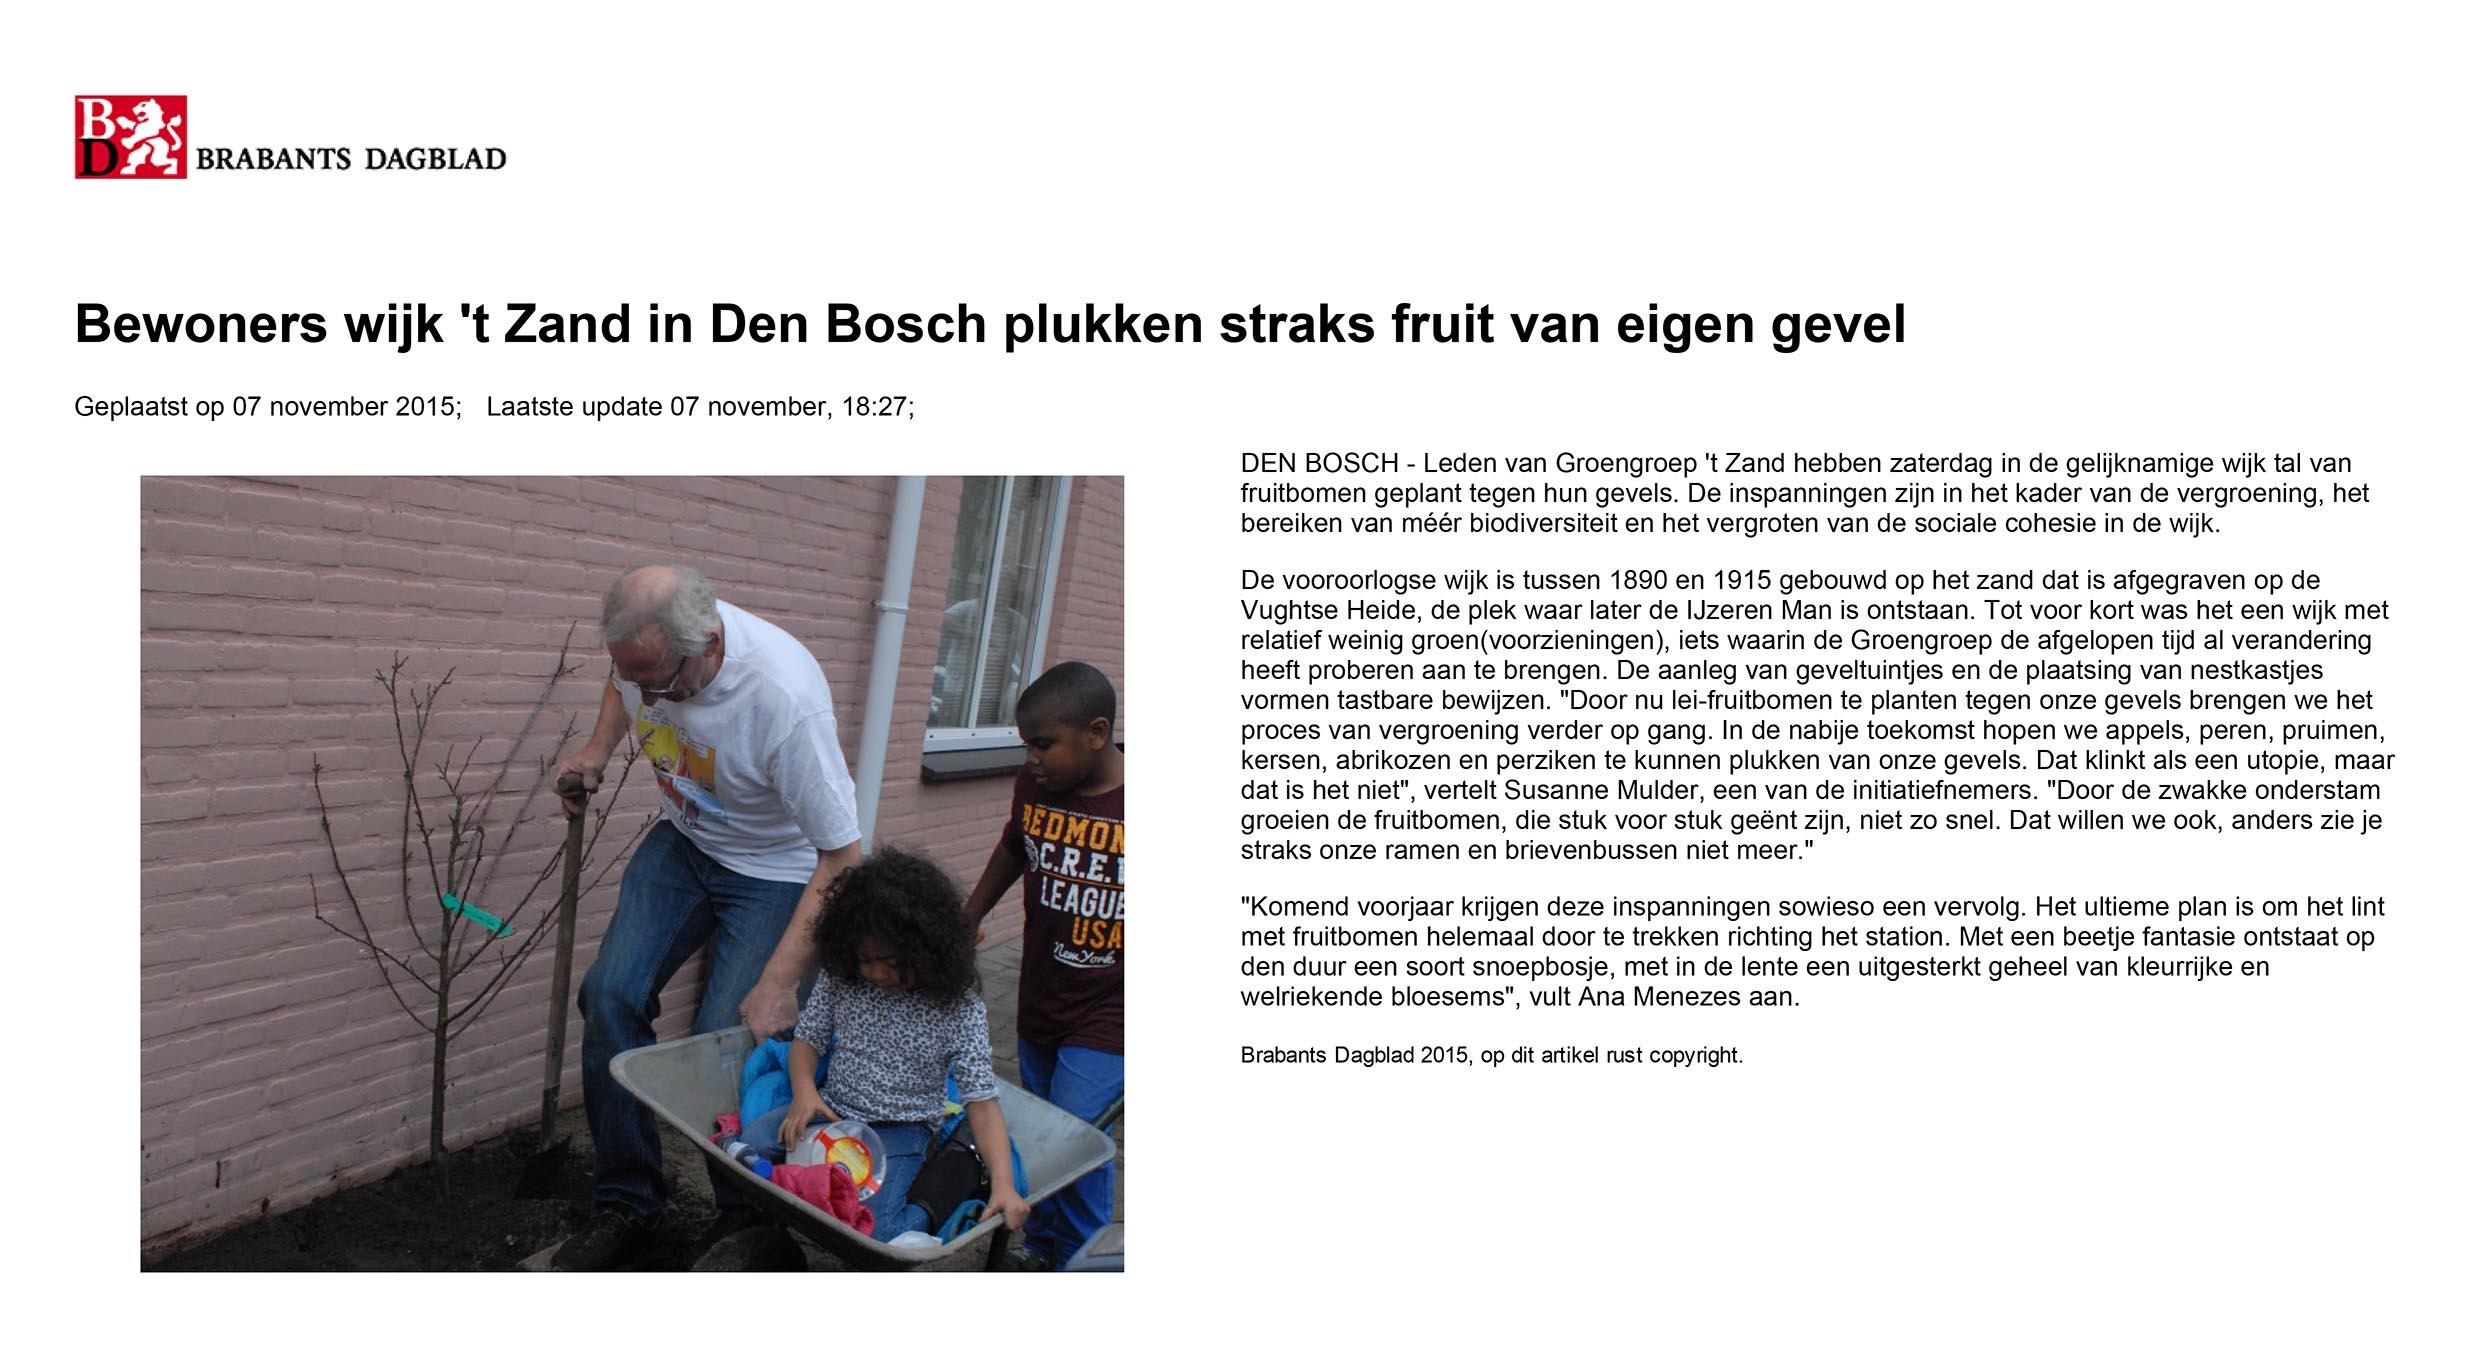 Bewoners wijk 't Zand in Den Bosch plukken straks fruit van eigen gevel